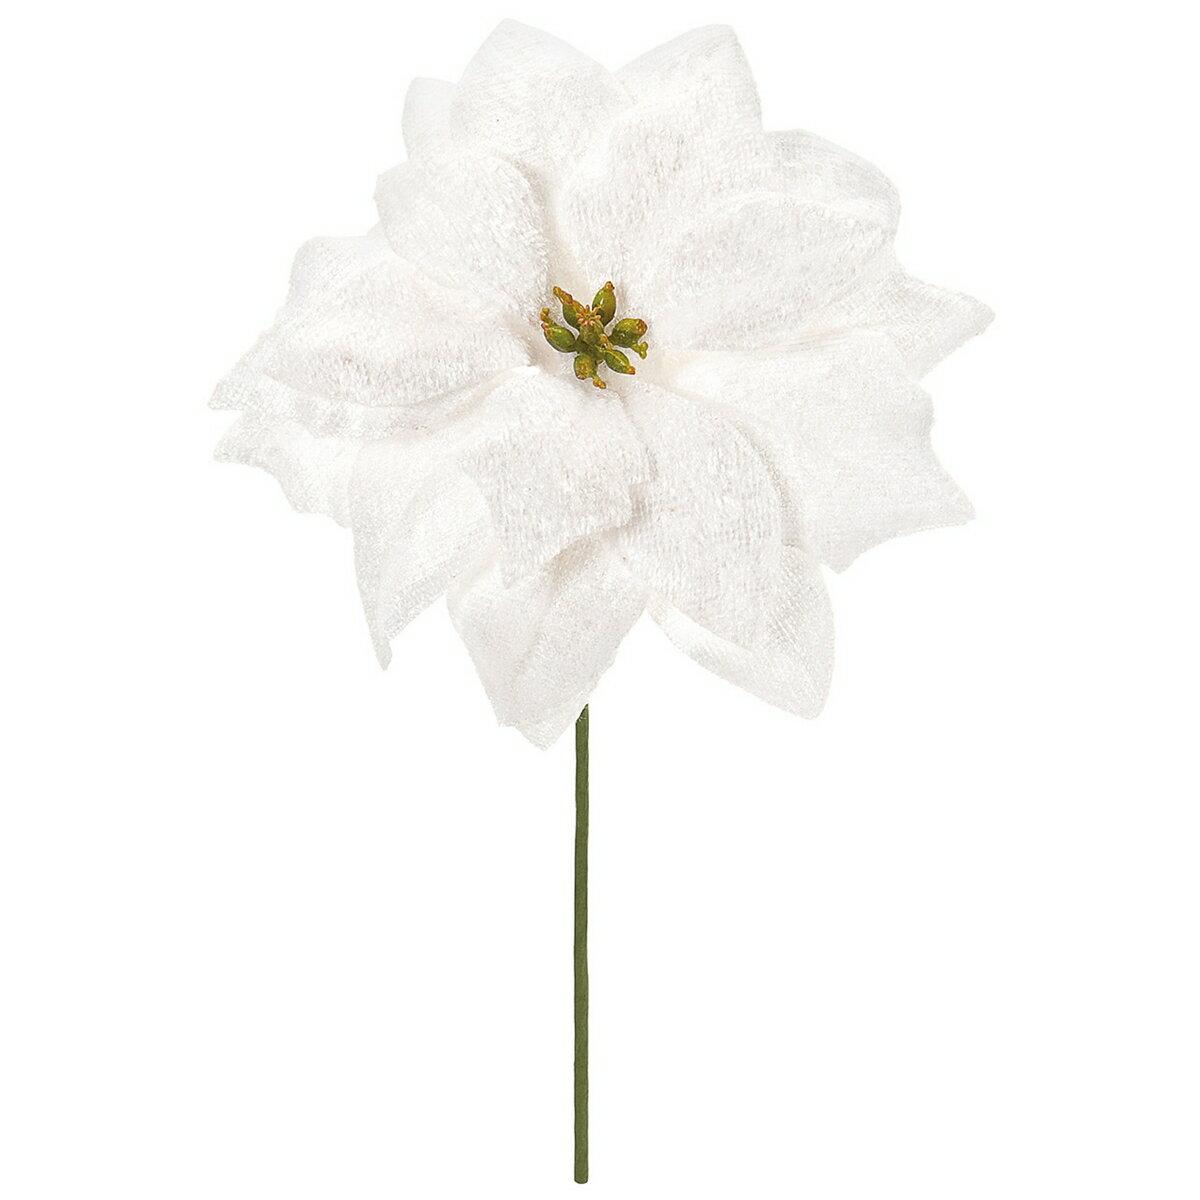 【造花】東京堂(MAGIQ)/ベレーナポインセチアピック #1 WHITE 4本/FX004681-001【01】【取寄】《 造花(アーティフィシャルフラワー) 造花 花材「は行」 ポインセチア 》